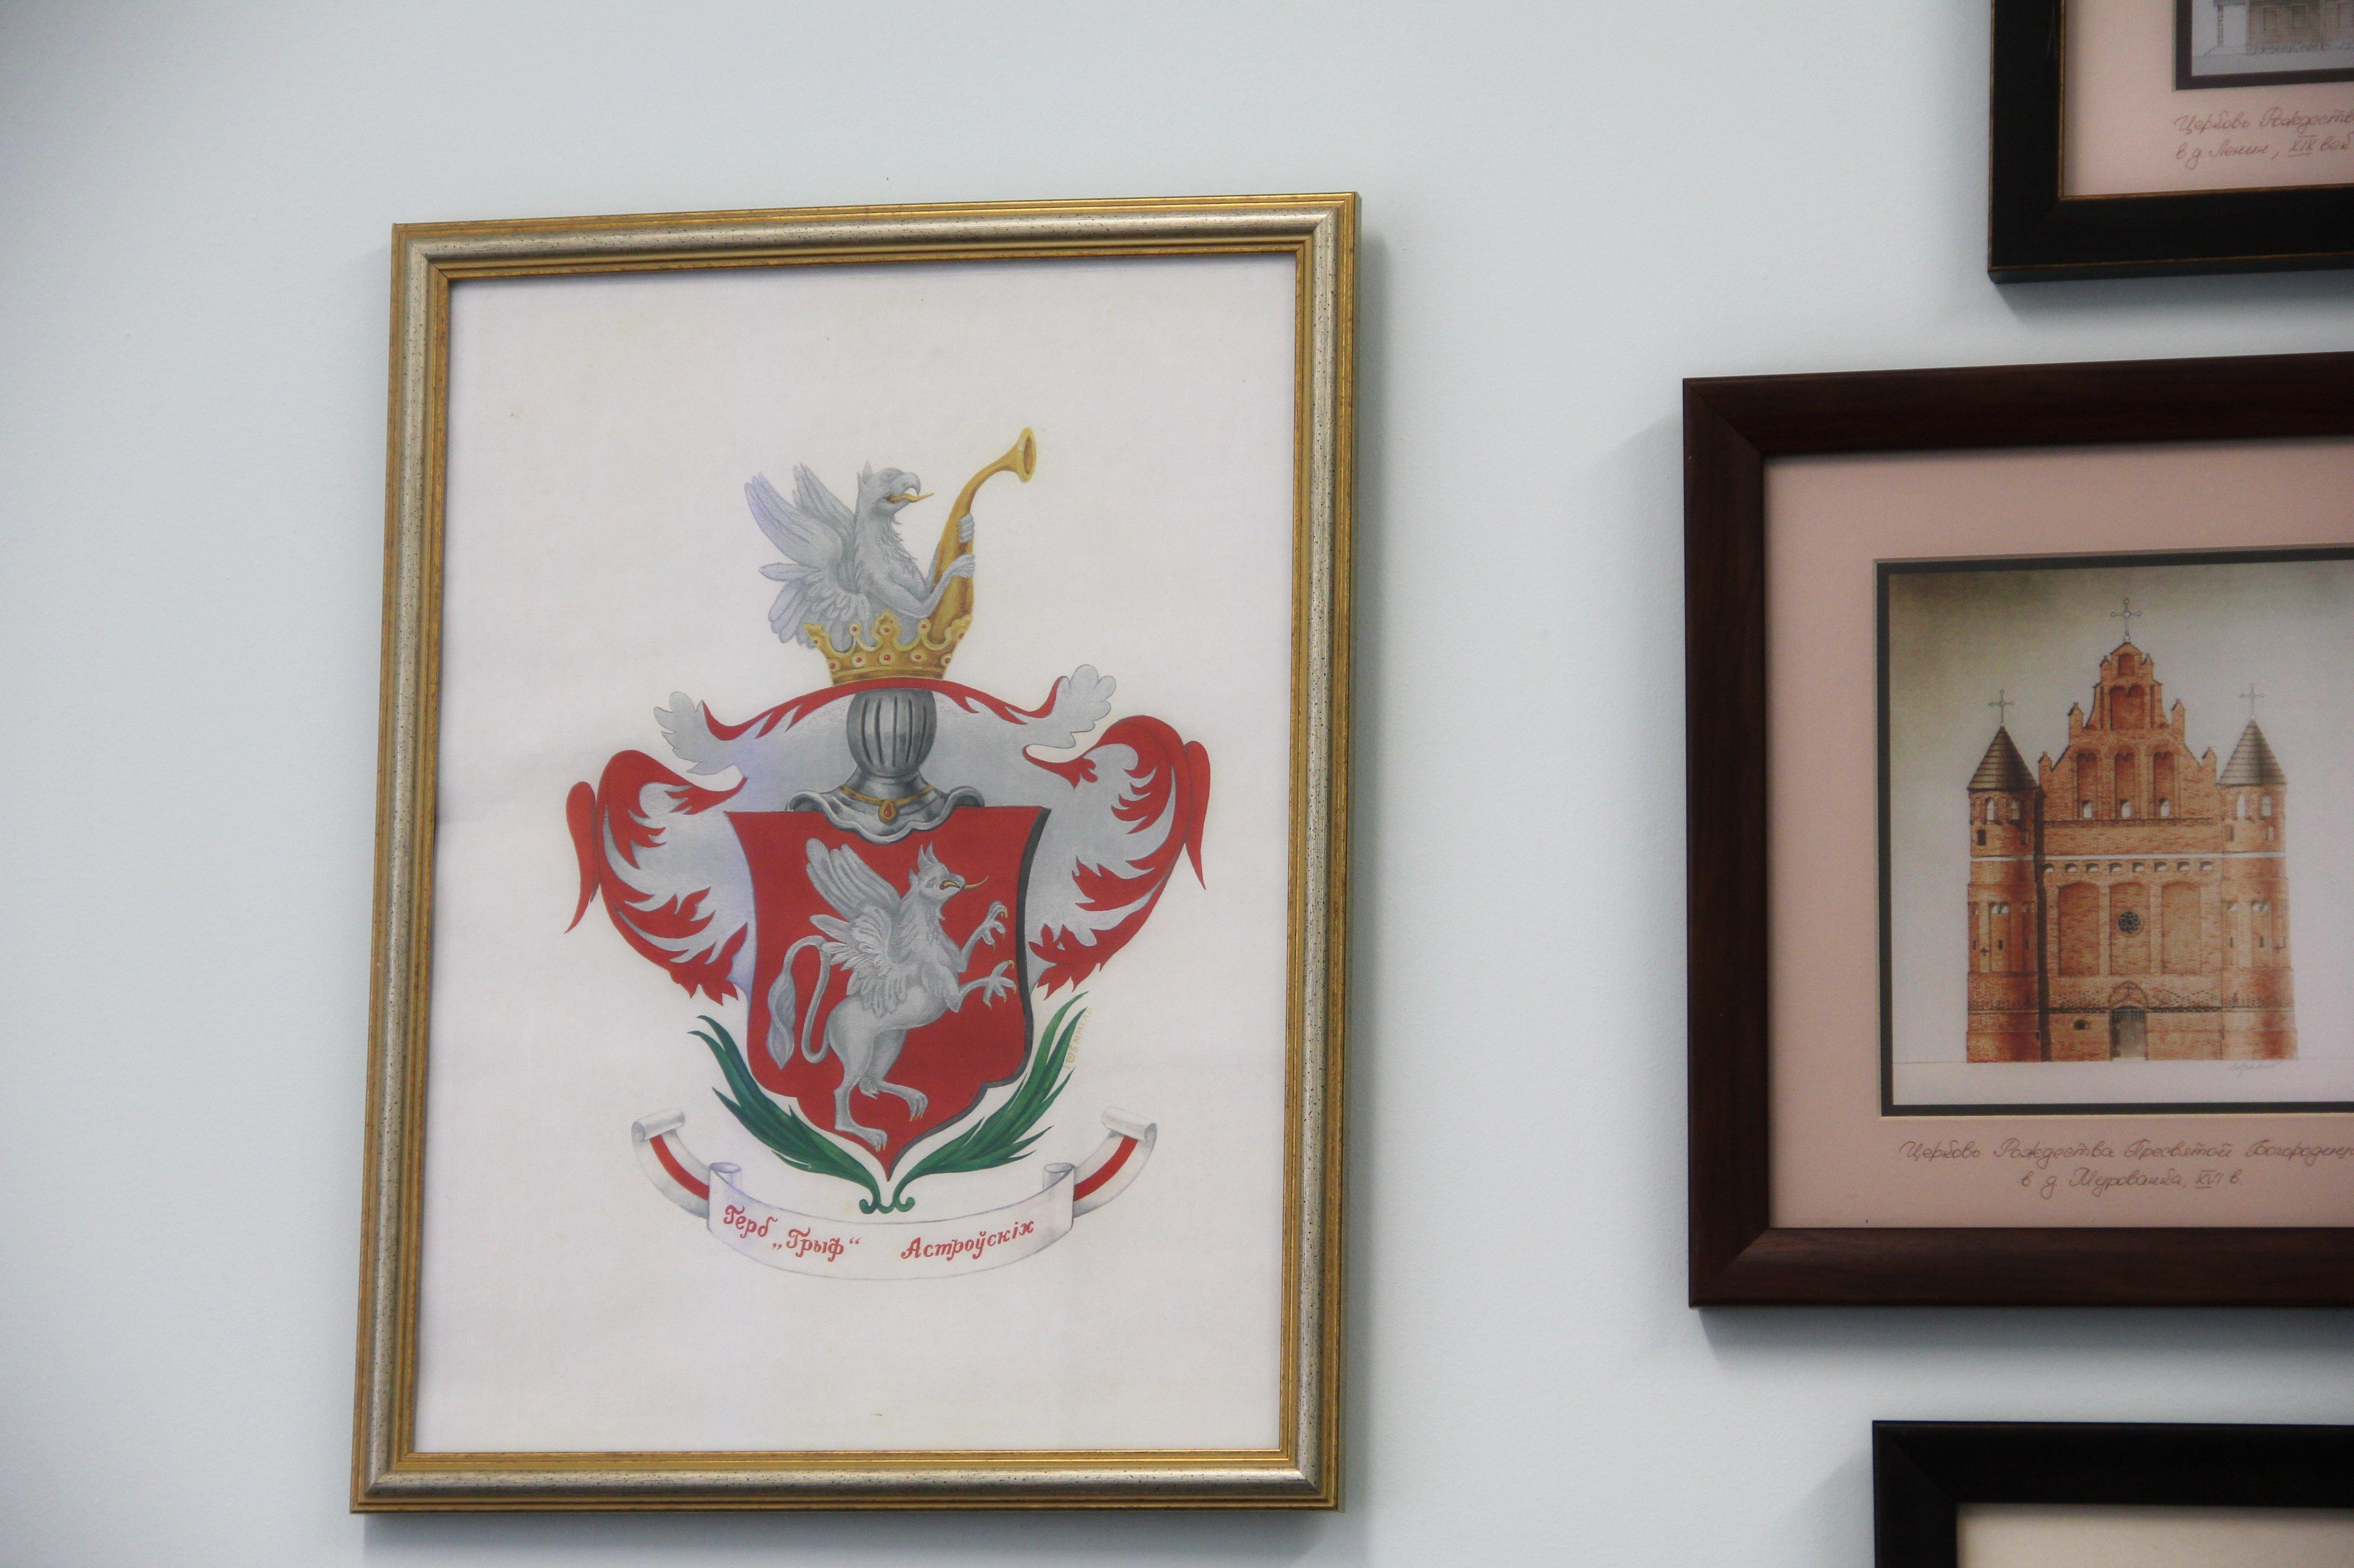 Герб Астроўскiх висит у профессора в кабинете: предки принадлежали к мелкопоместной шляхте, поэтому герб Гриф был сразу на несколько семей